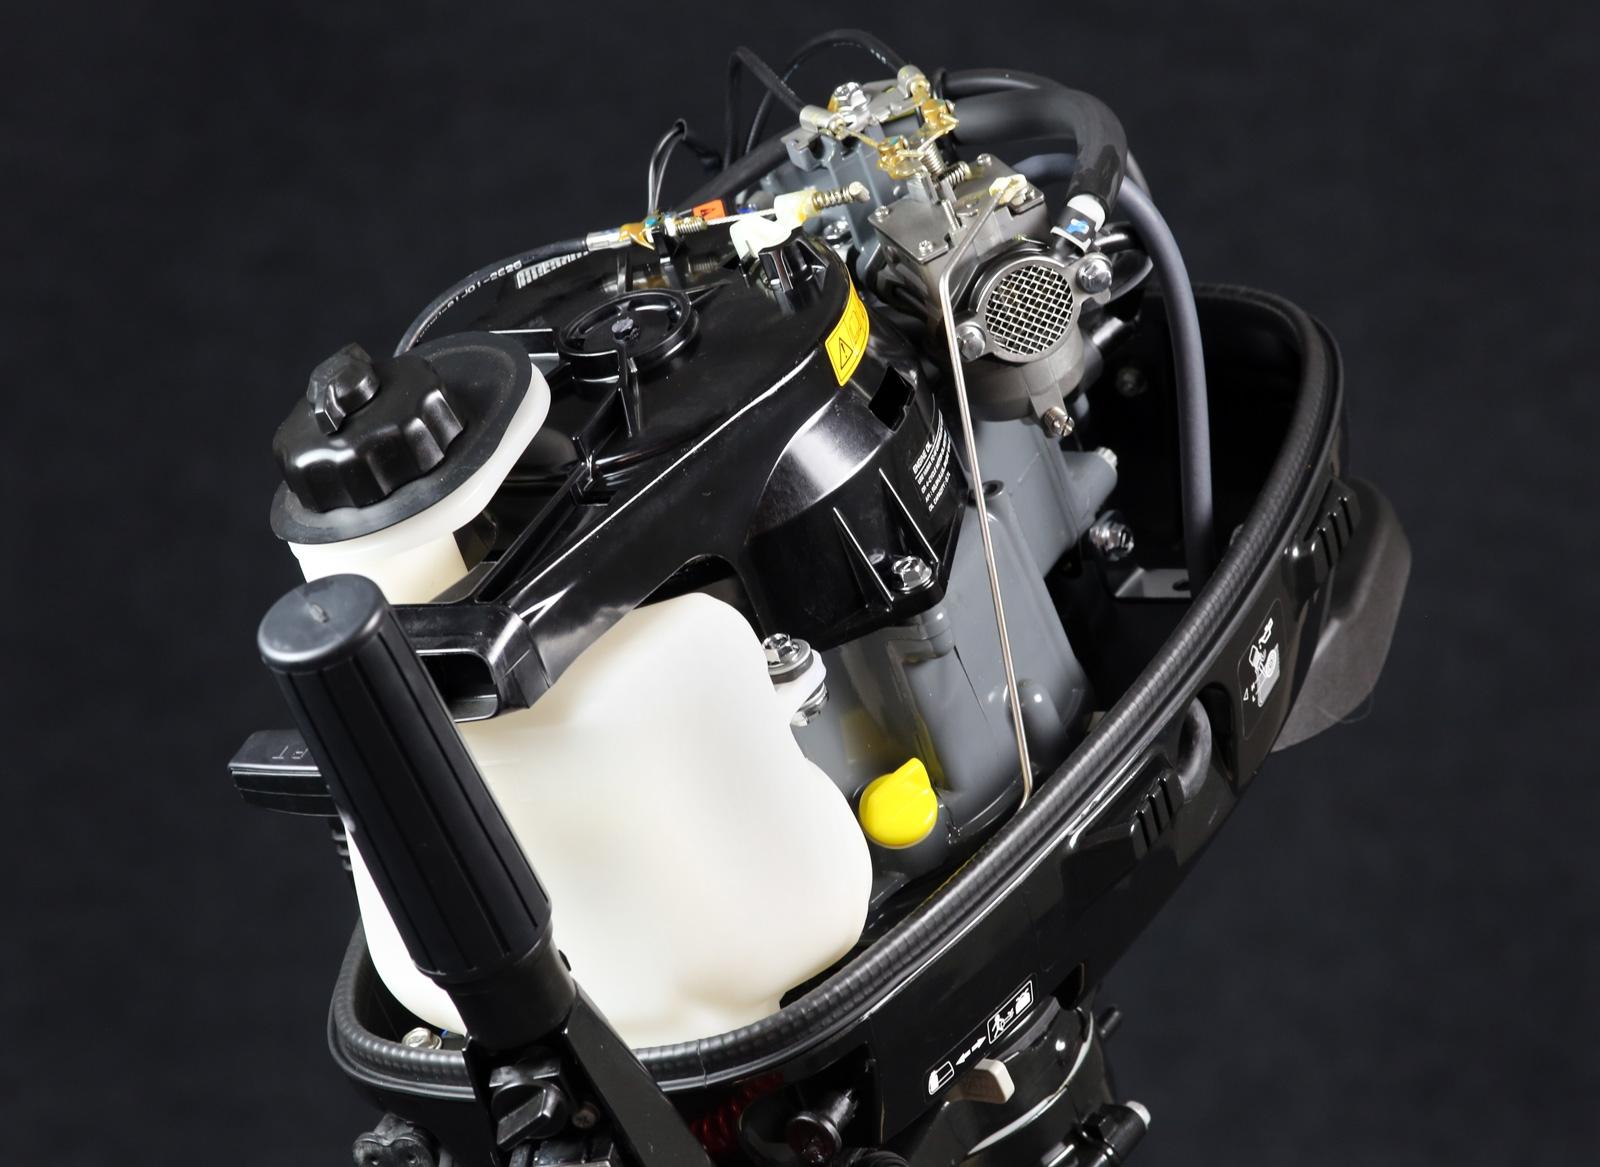 лодочный мотор suzuki df5s купить в санкт-петербурге